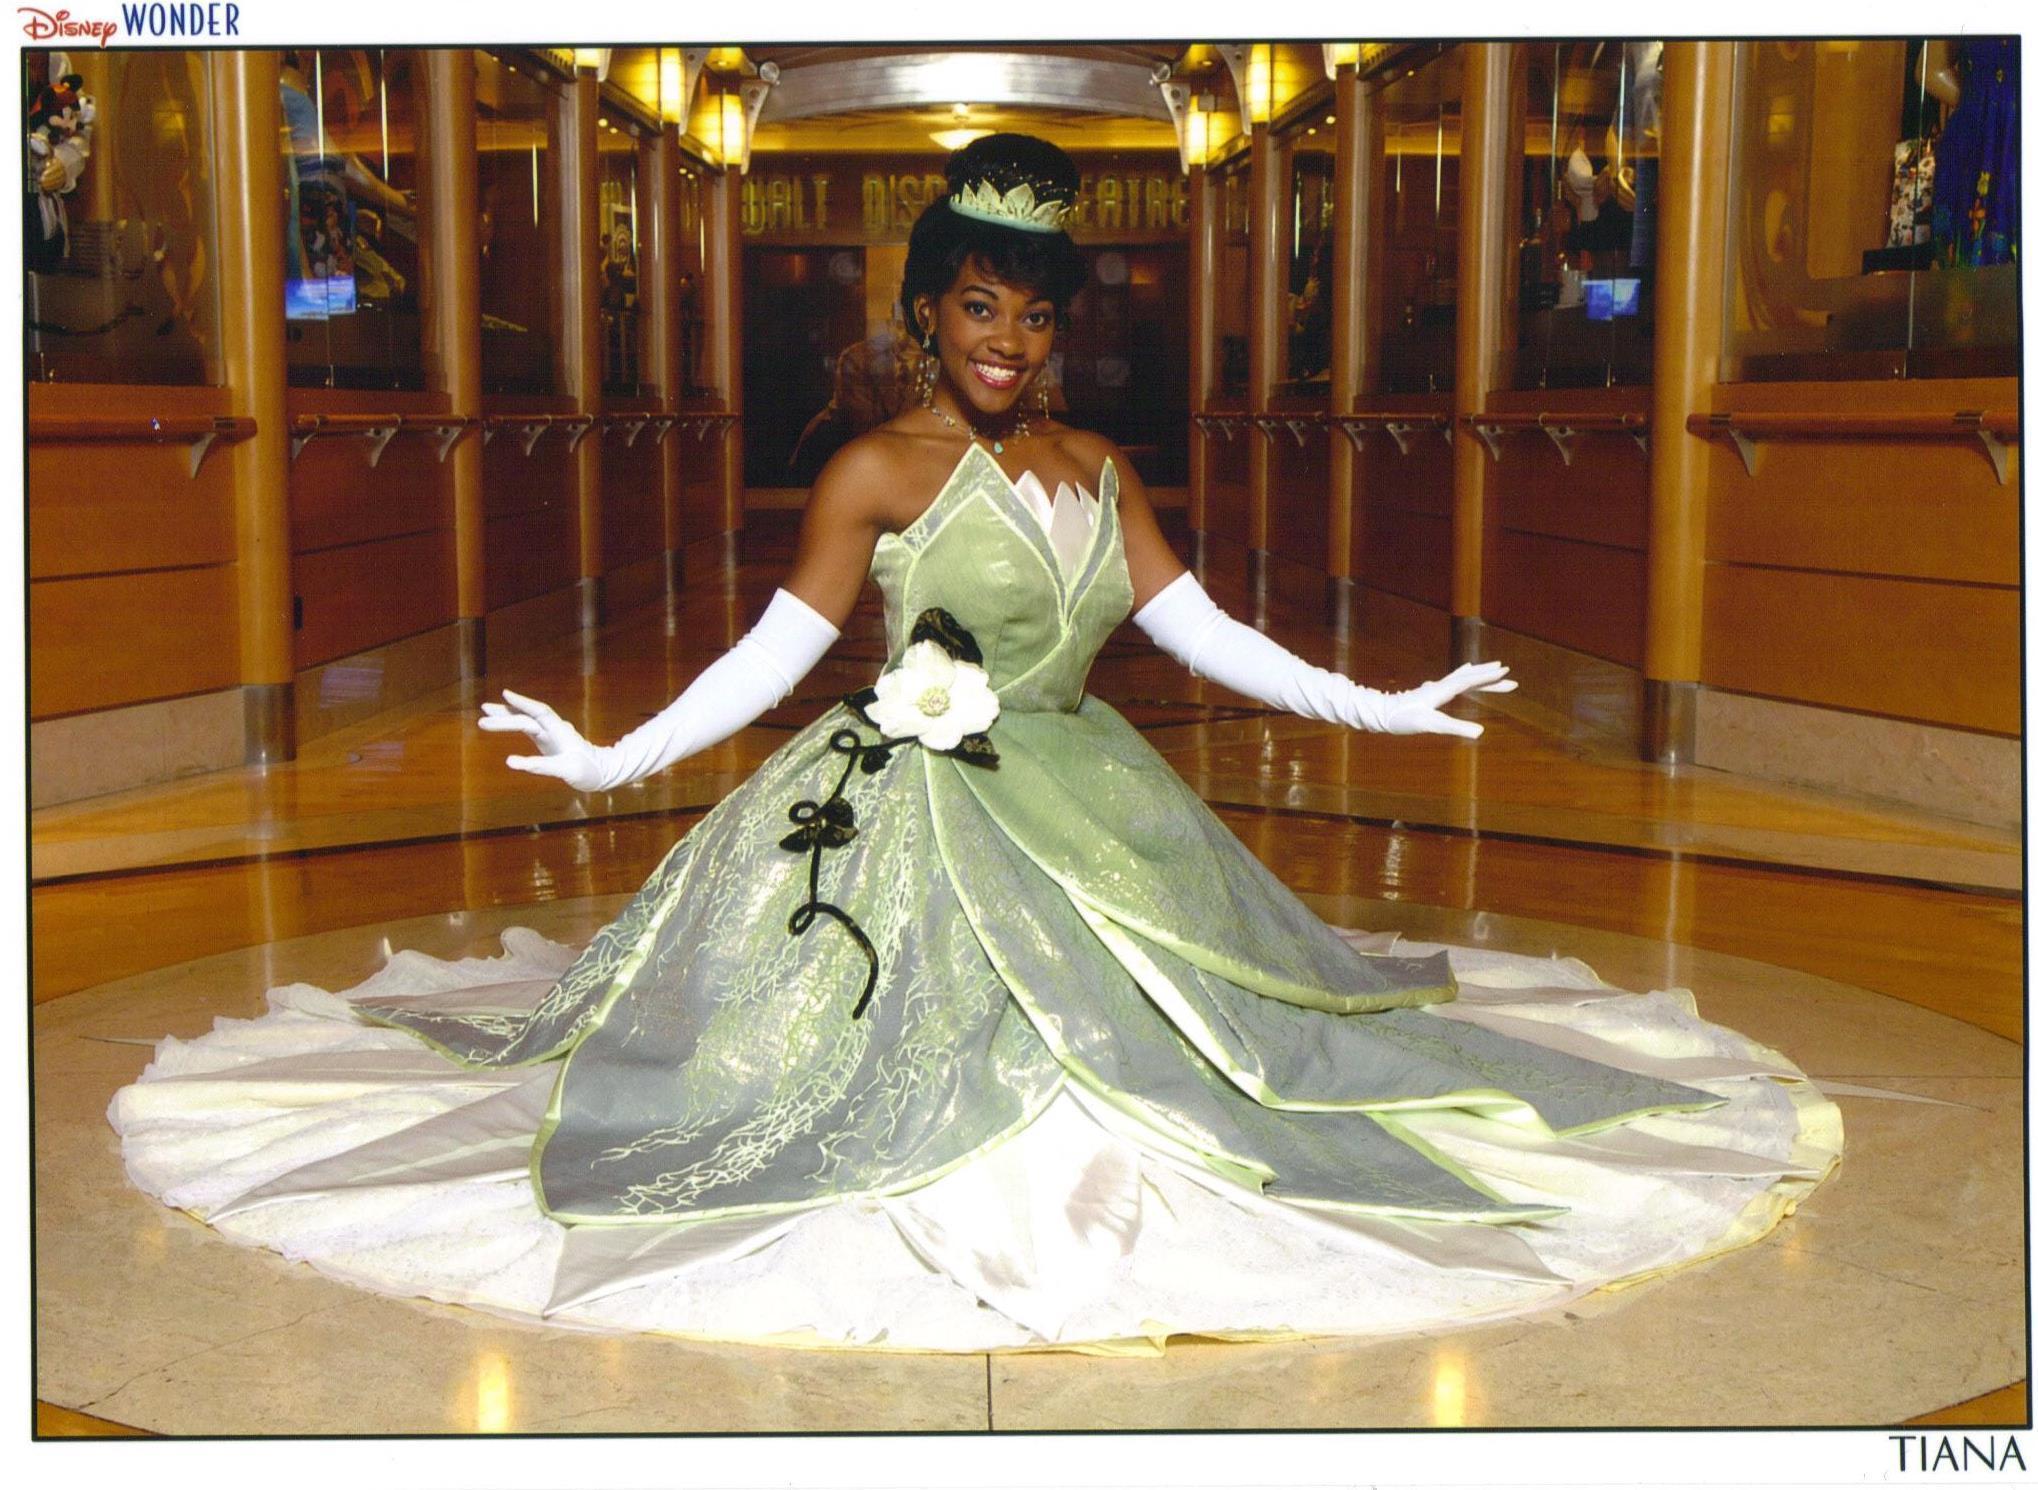 Princess Tiana Images Princess Tiana On Disney Wonder Hd